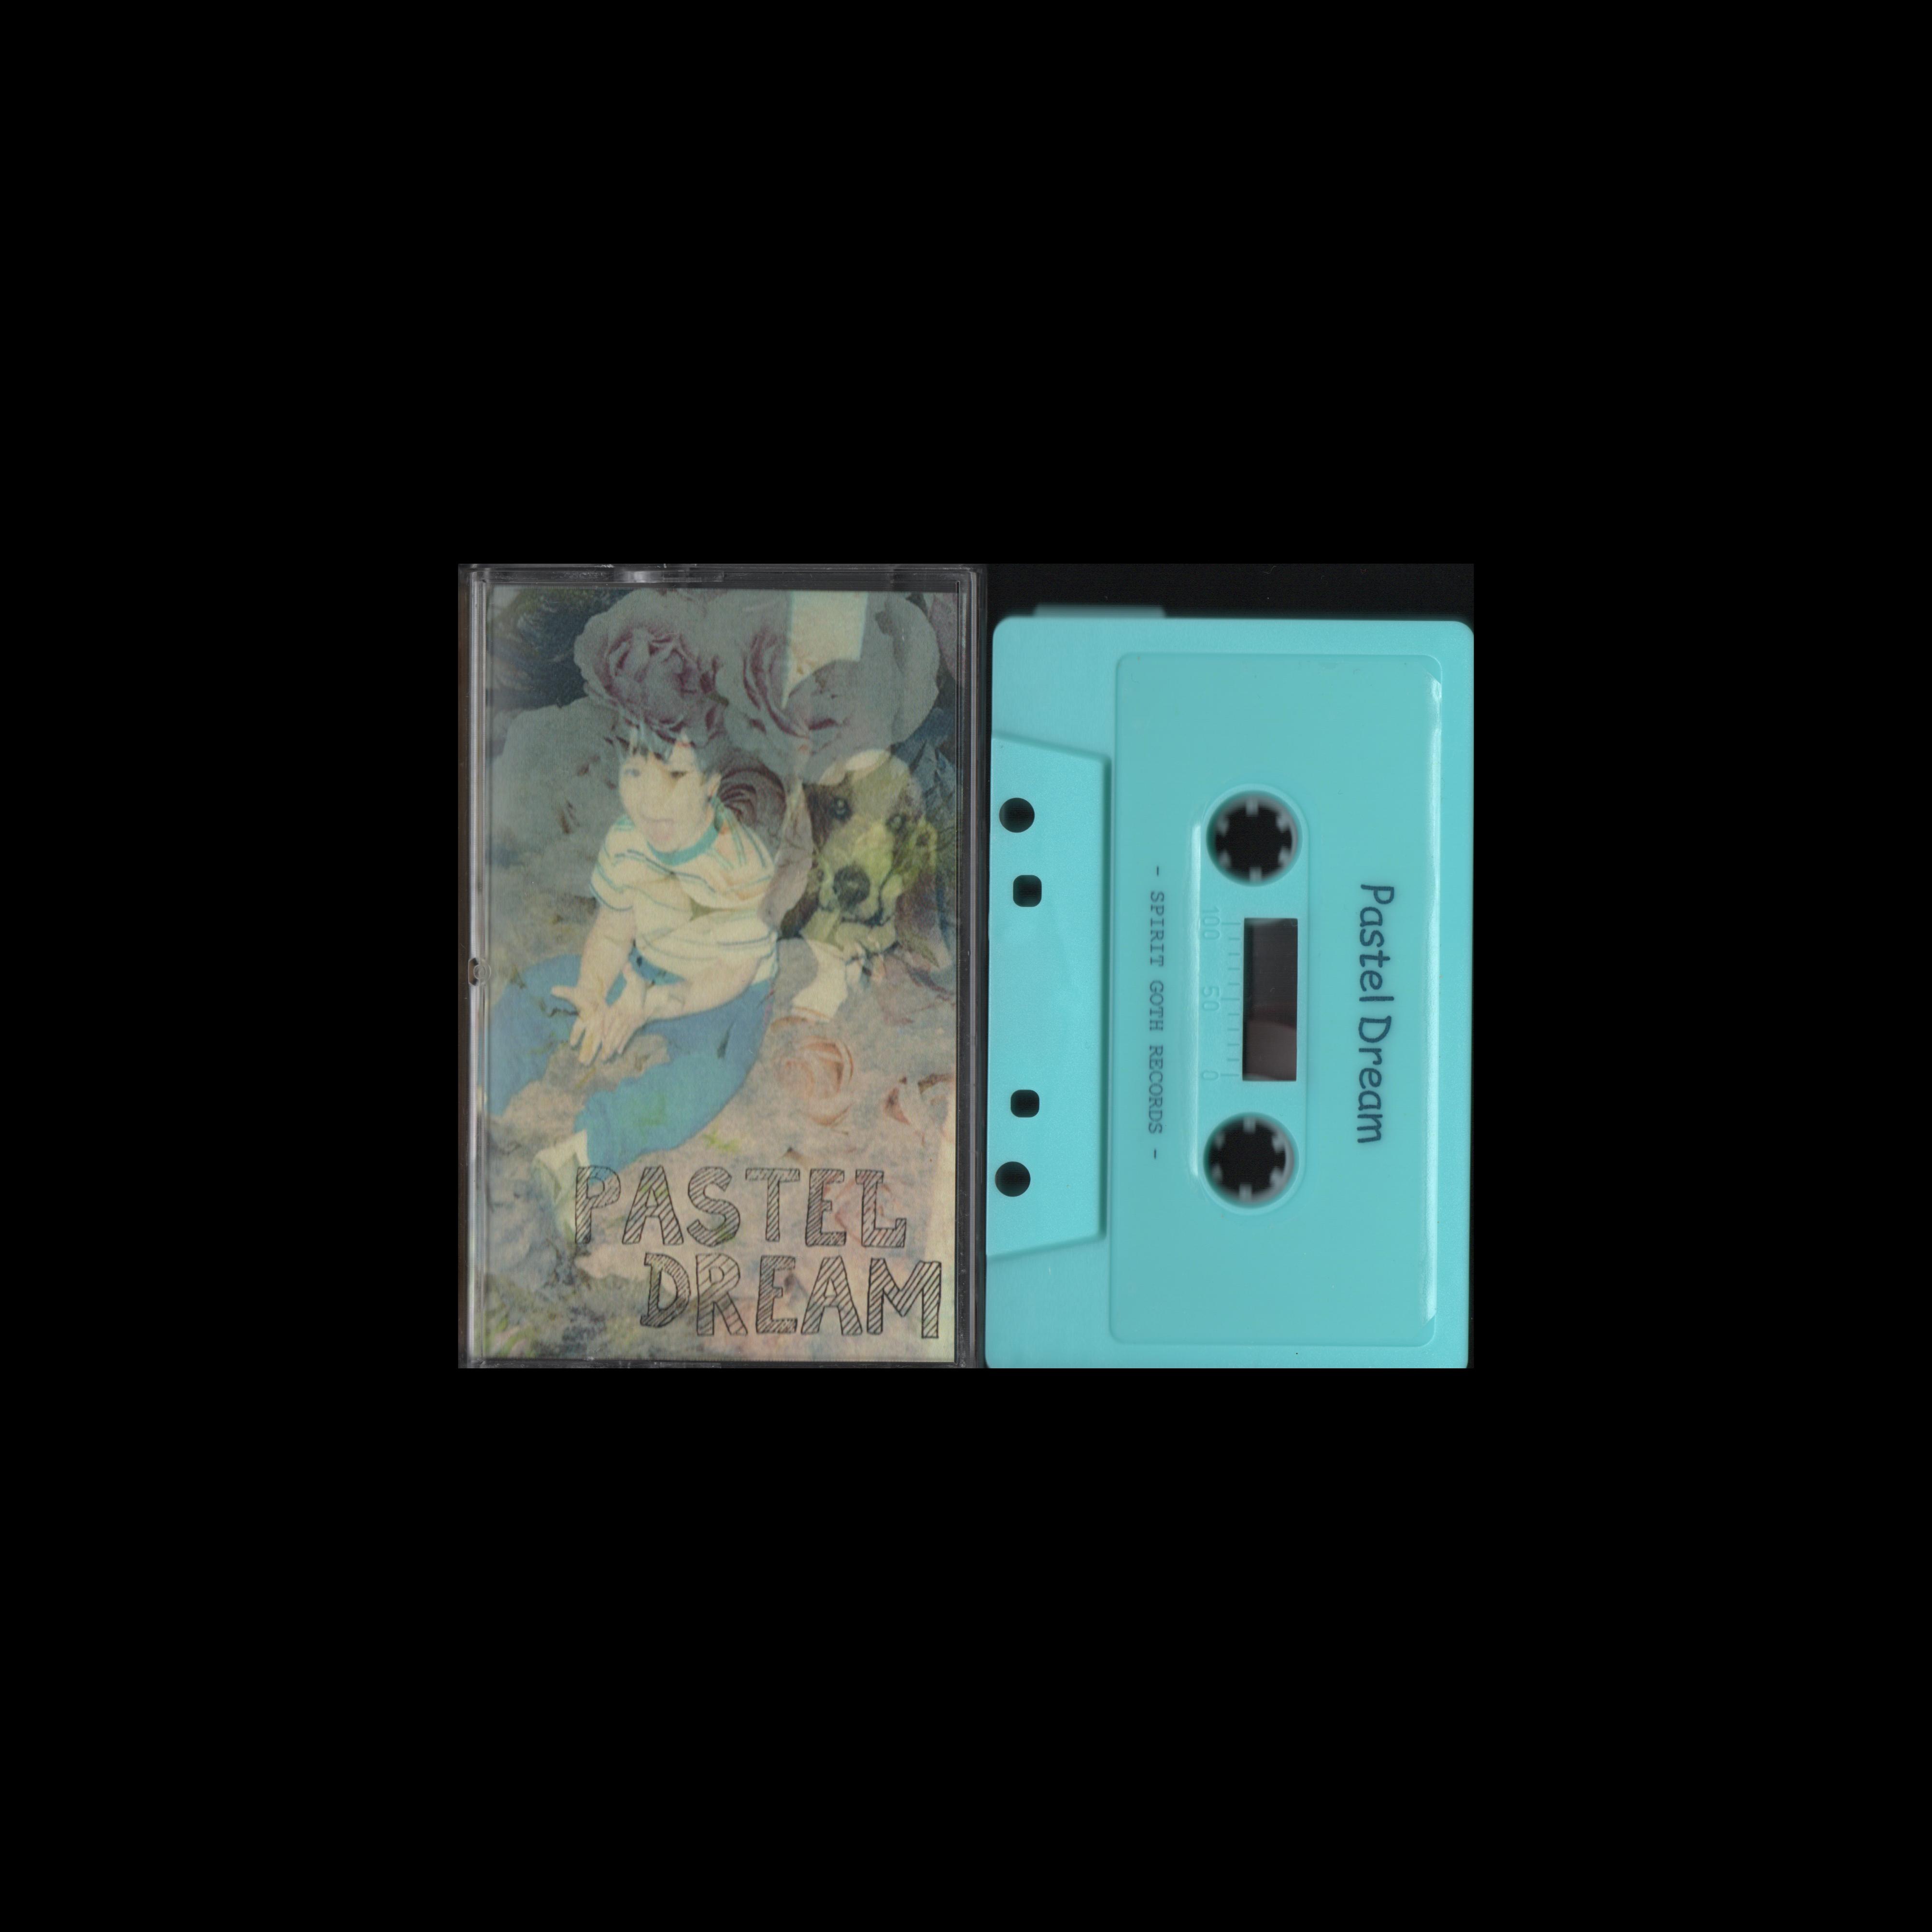 Pastel Dream - Pastel Dream (Spirit Goth Records)